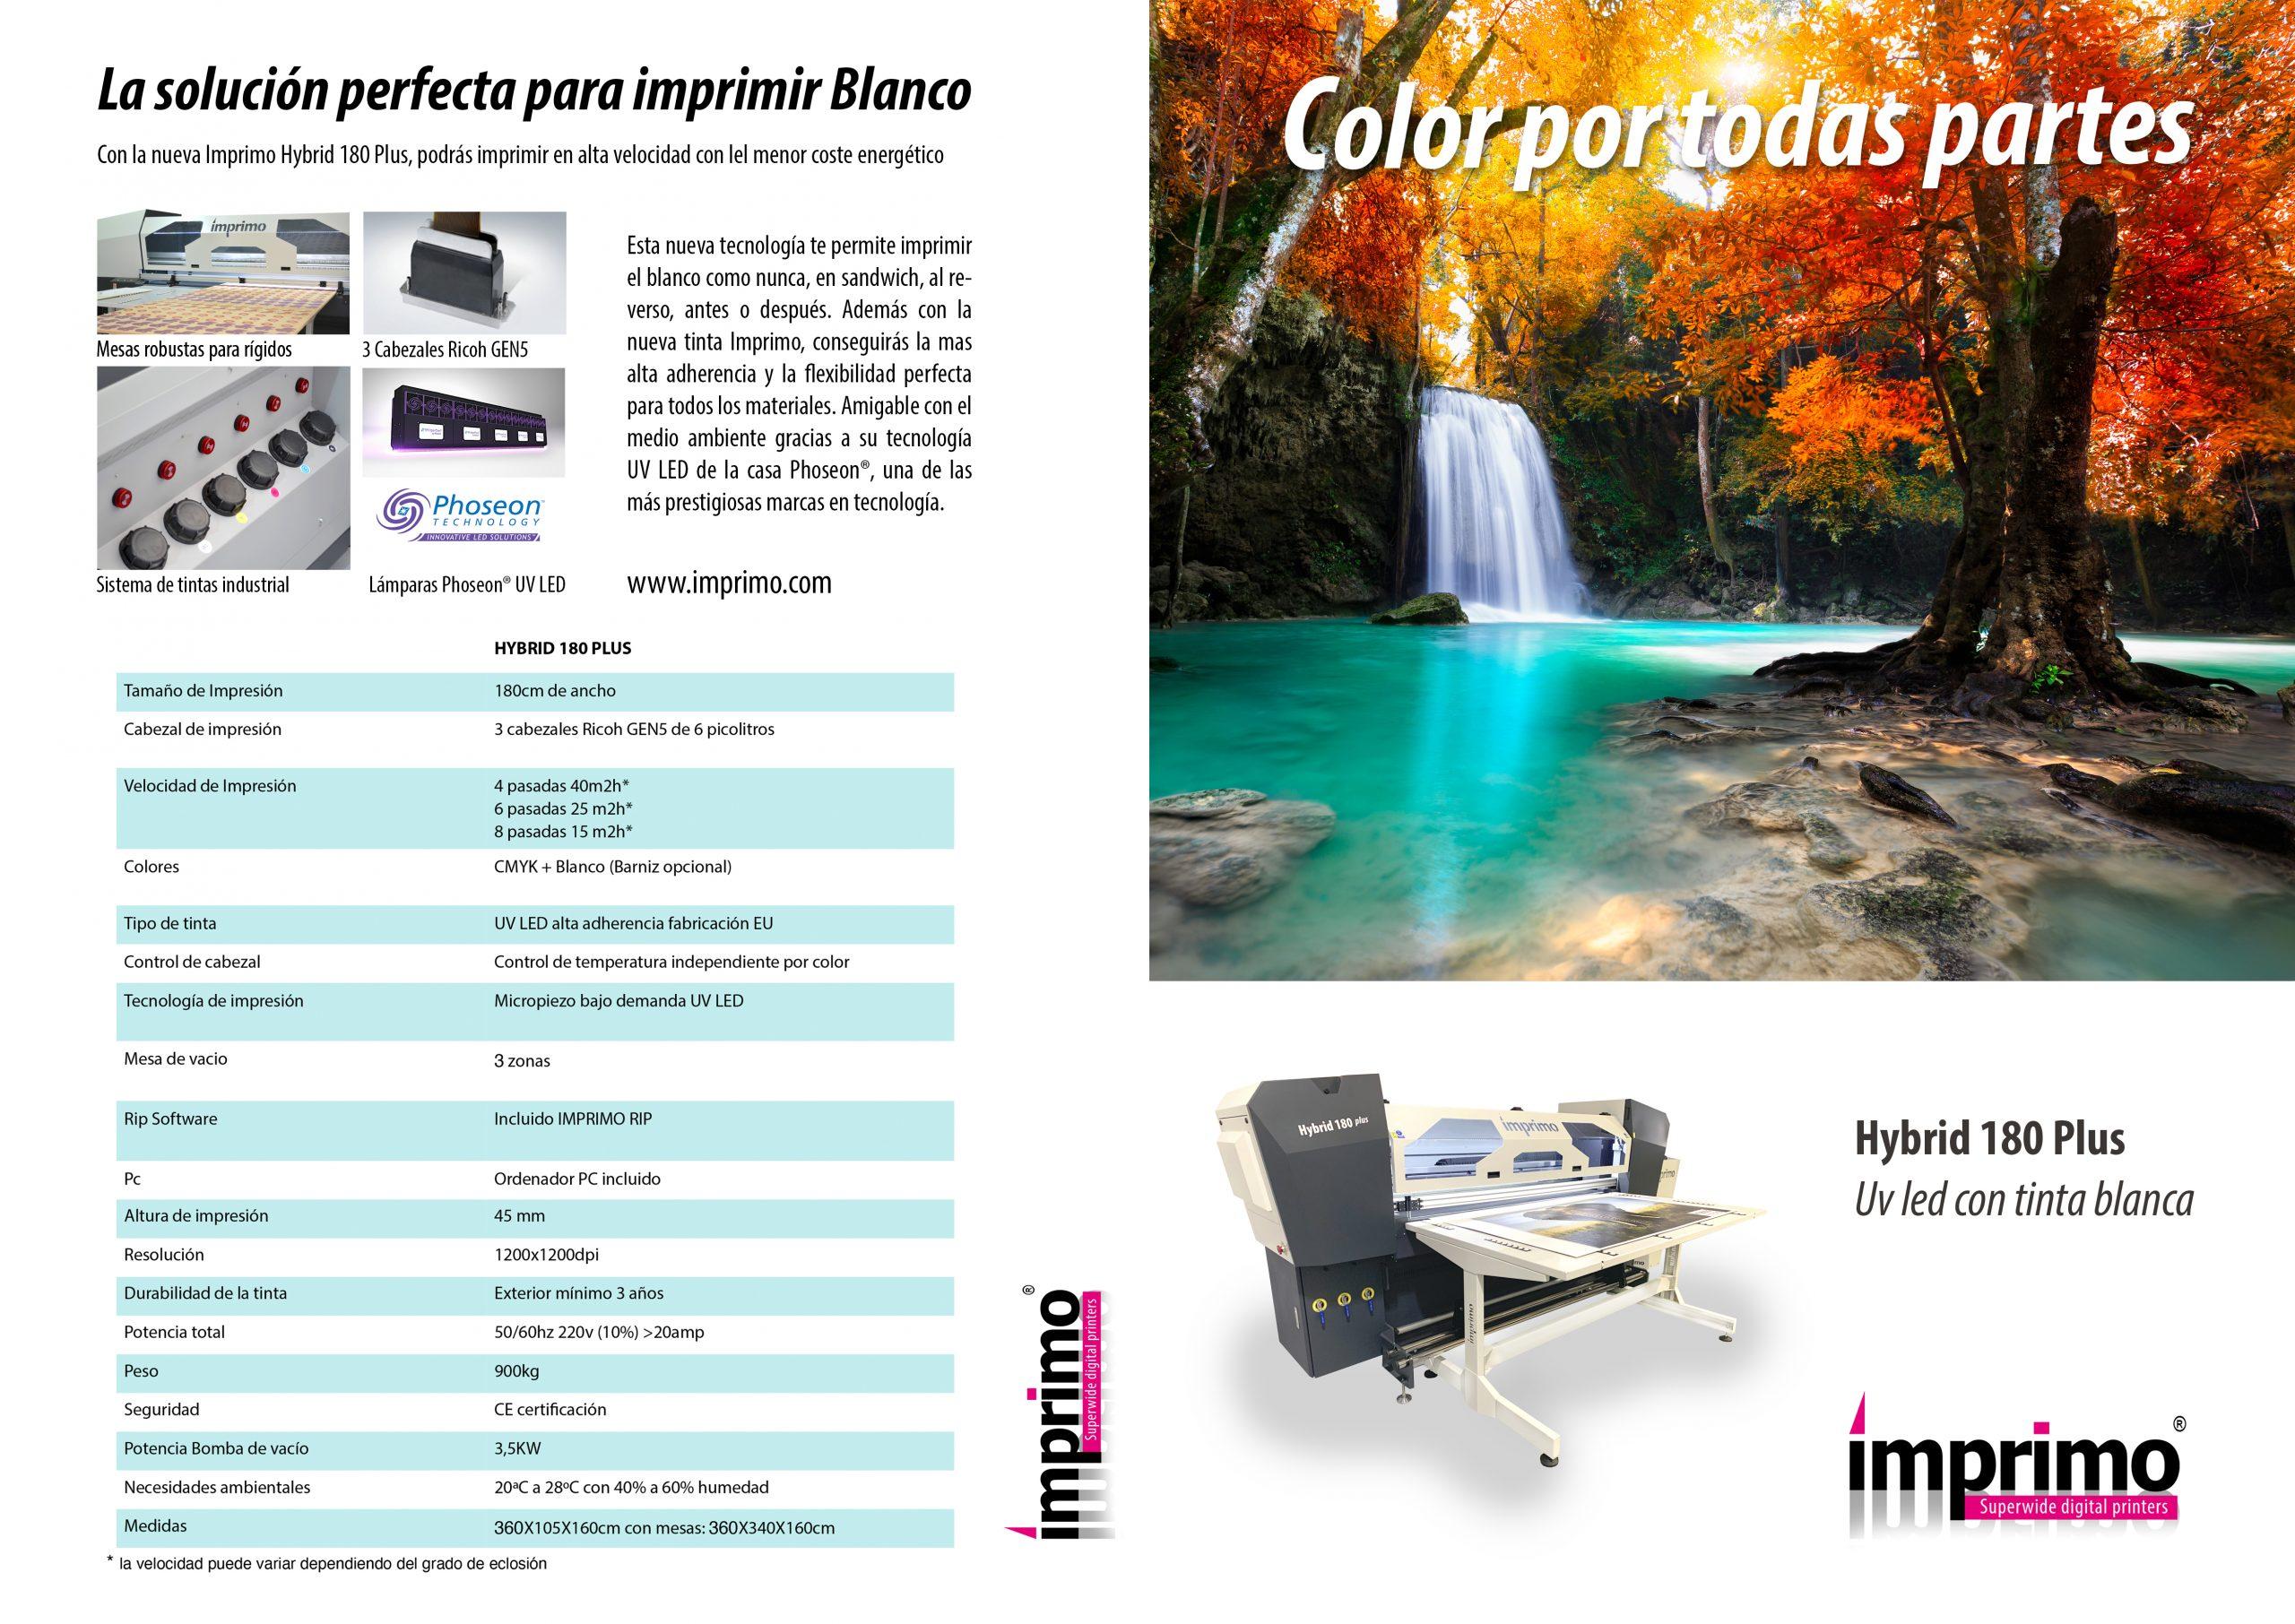 imprimo hybrid 180 plus es una impresora sobre rígidos